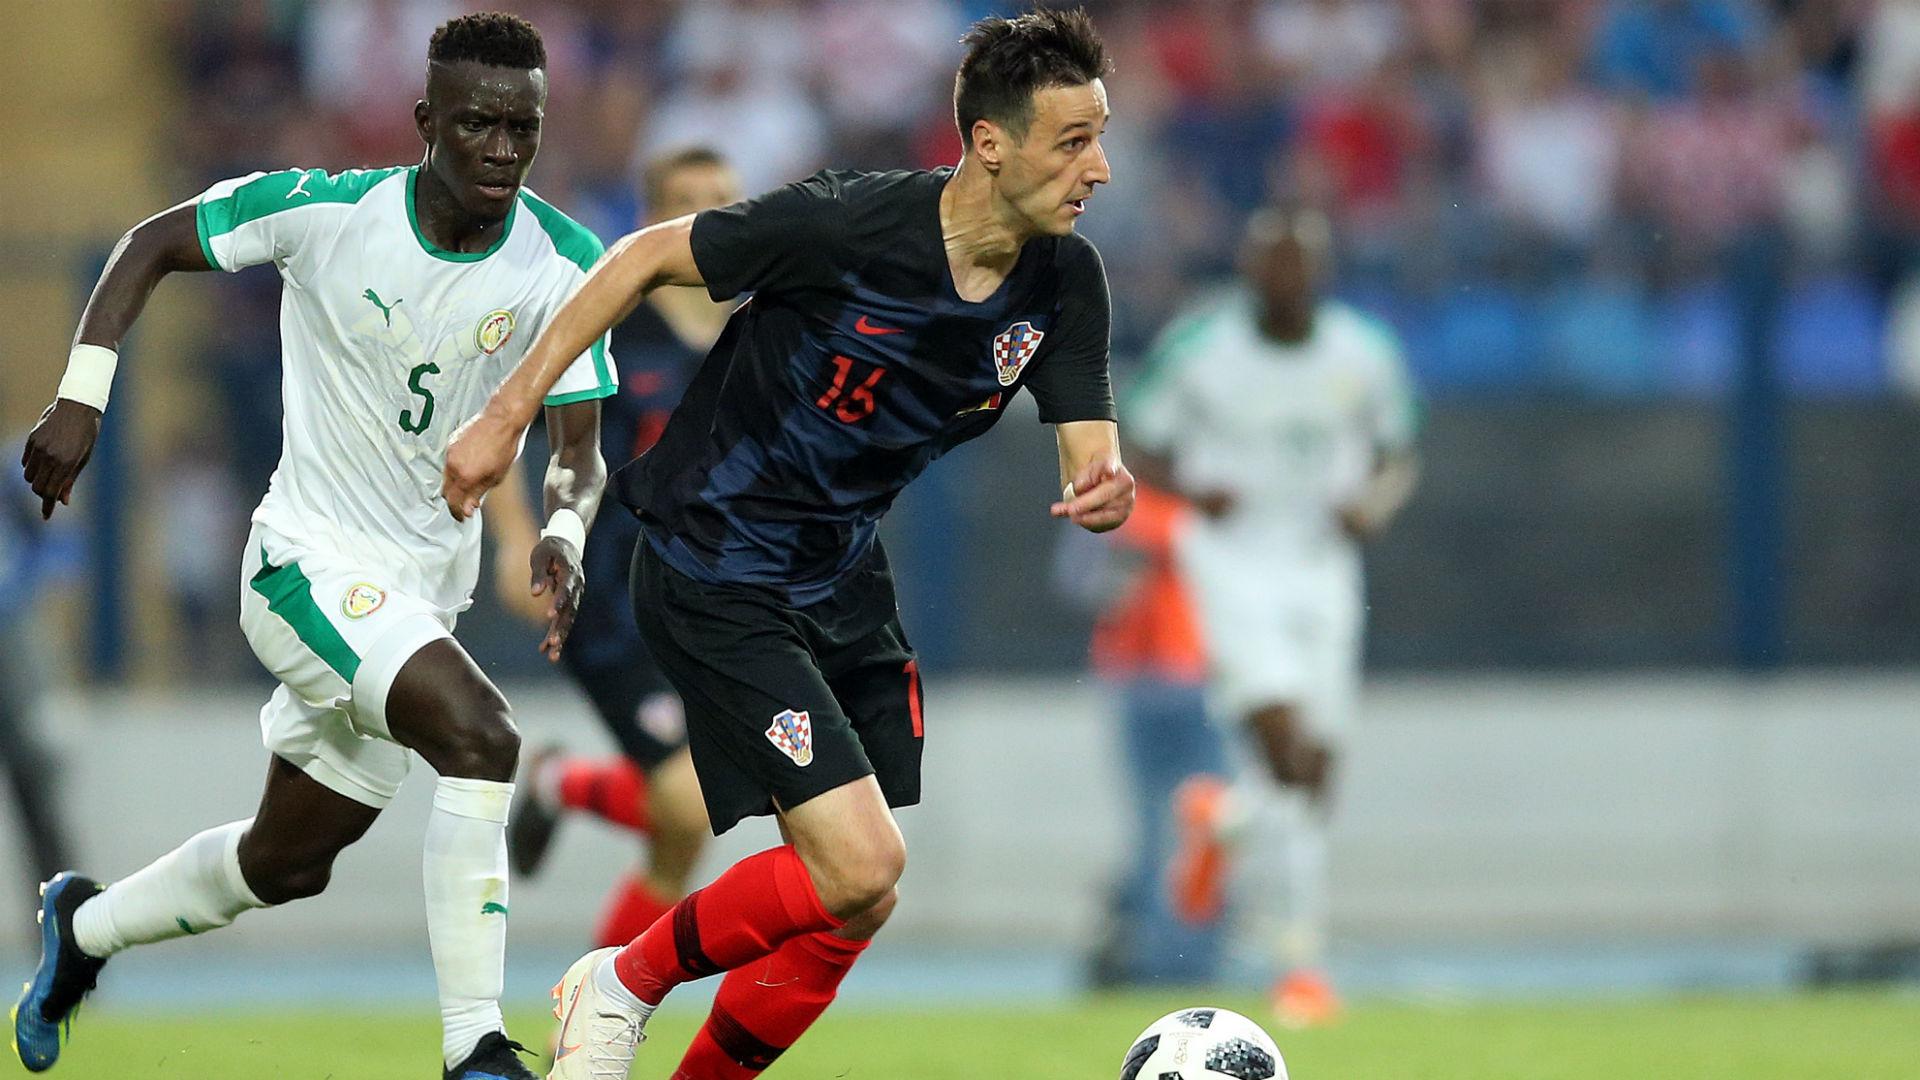 Clamoroso Croazia: Kalinic si rifiuta di entrare e il ct potrebbe escluderlo